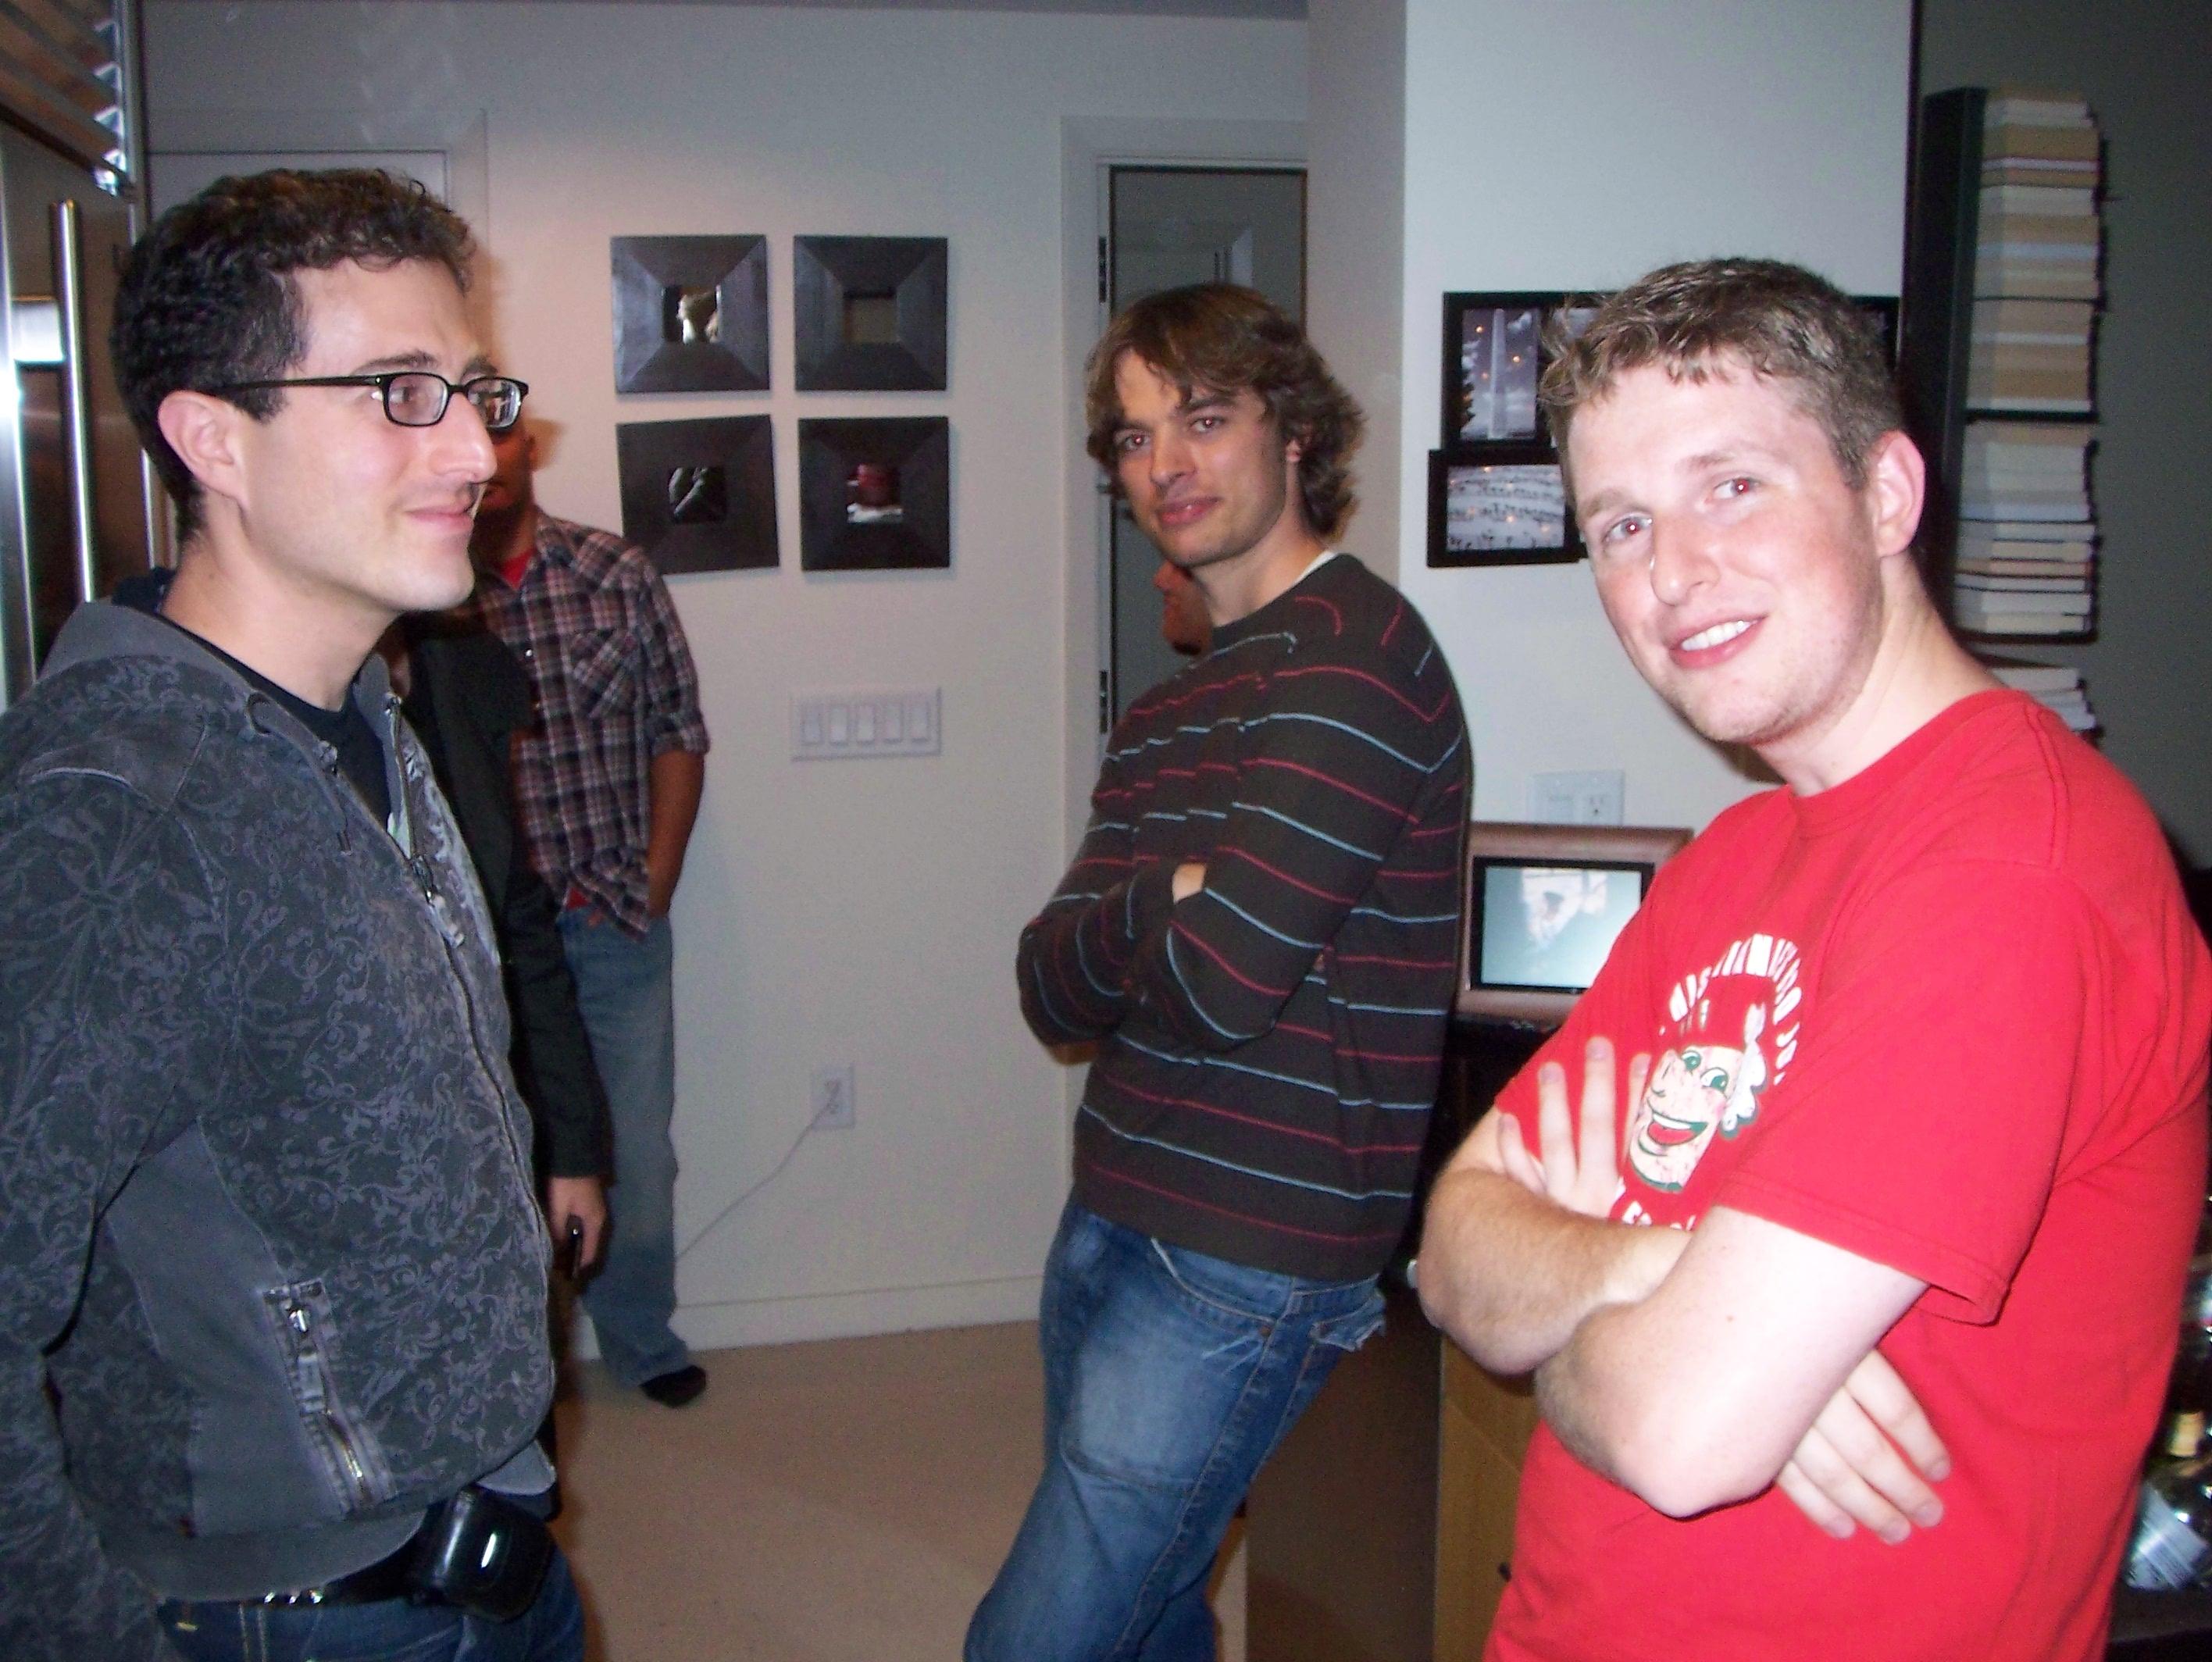 Tantek and Matt